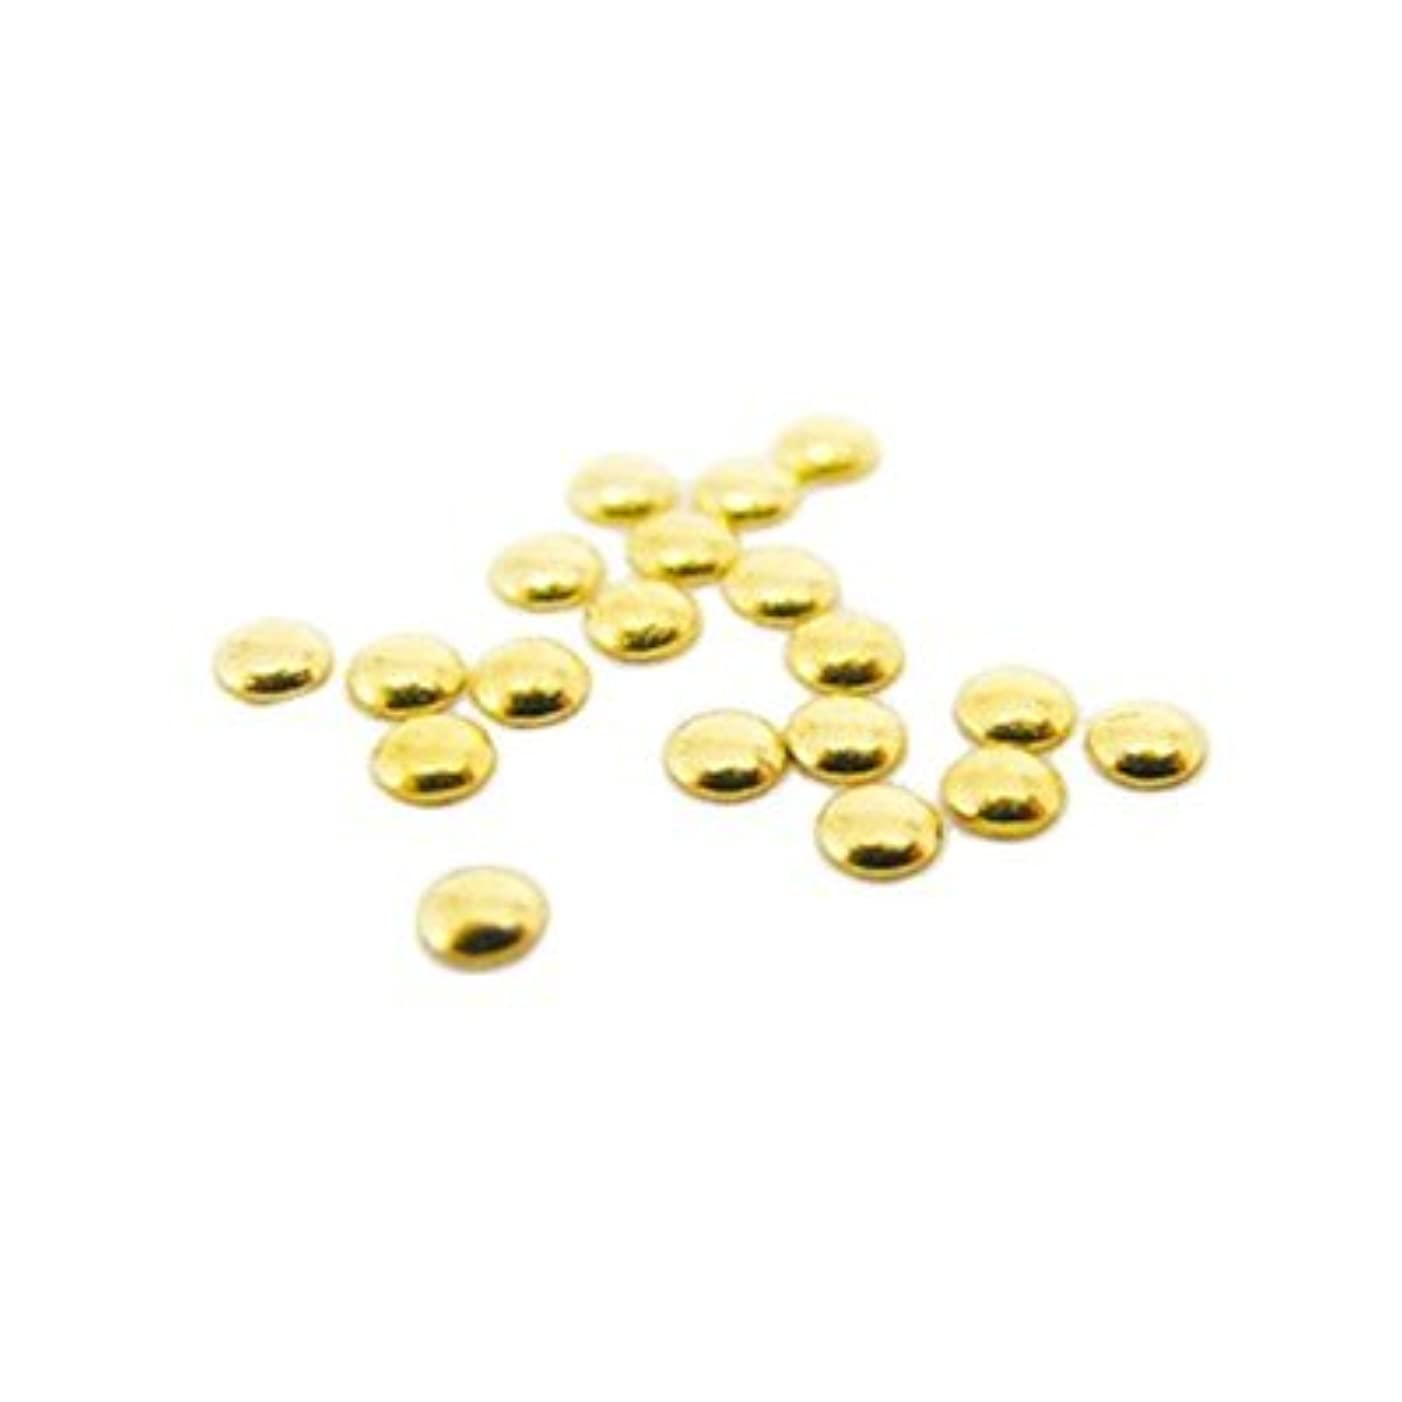 拡大する小さなマウスピースピアドラ スタッズ 1.5mm 50P ゴールド